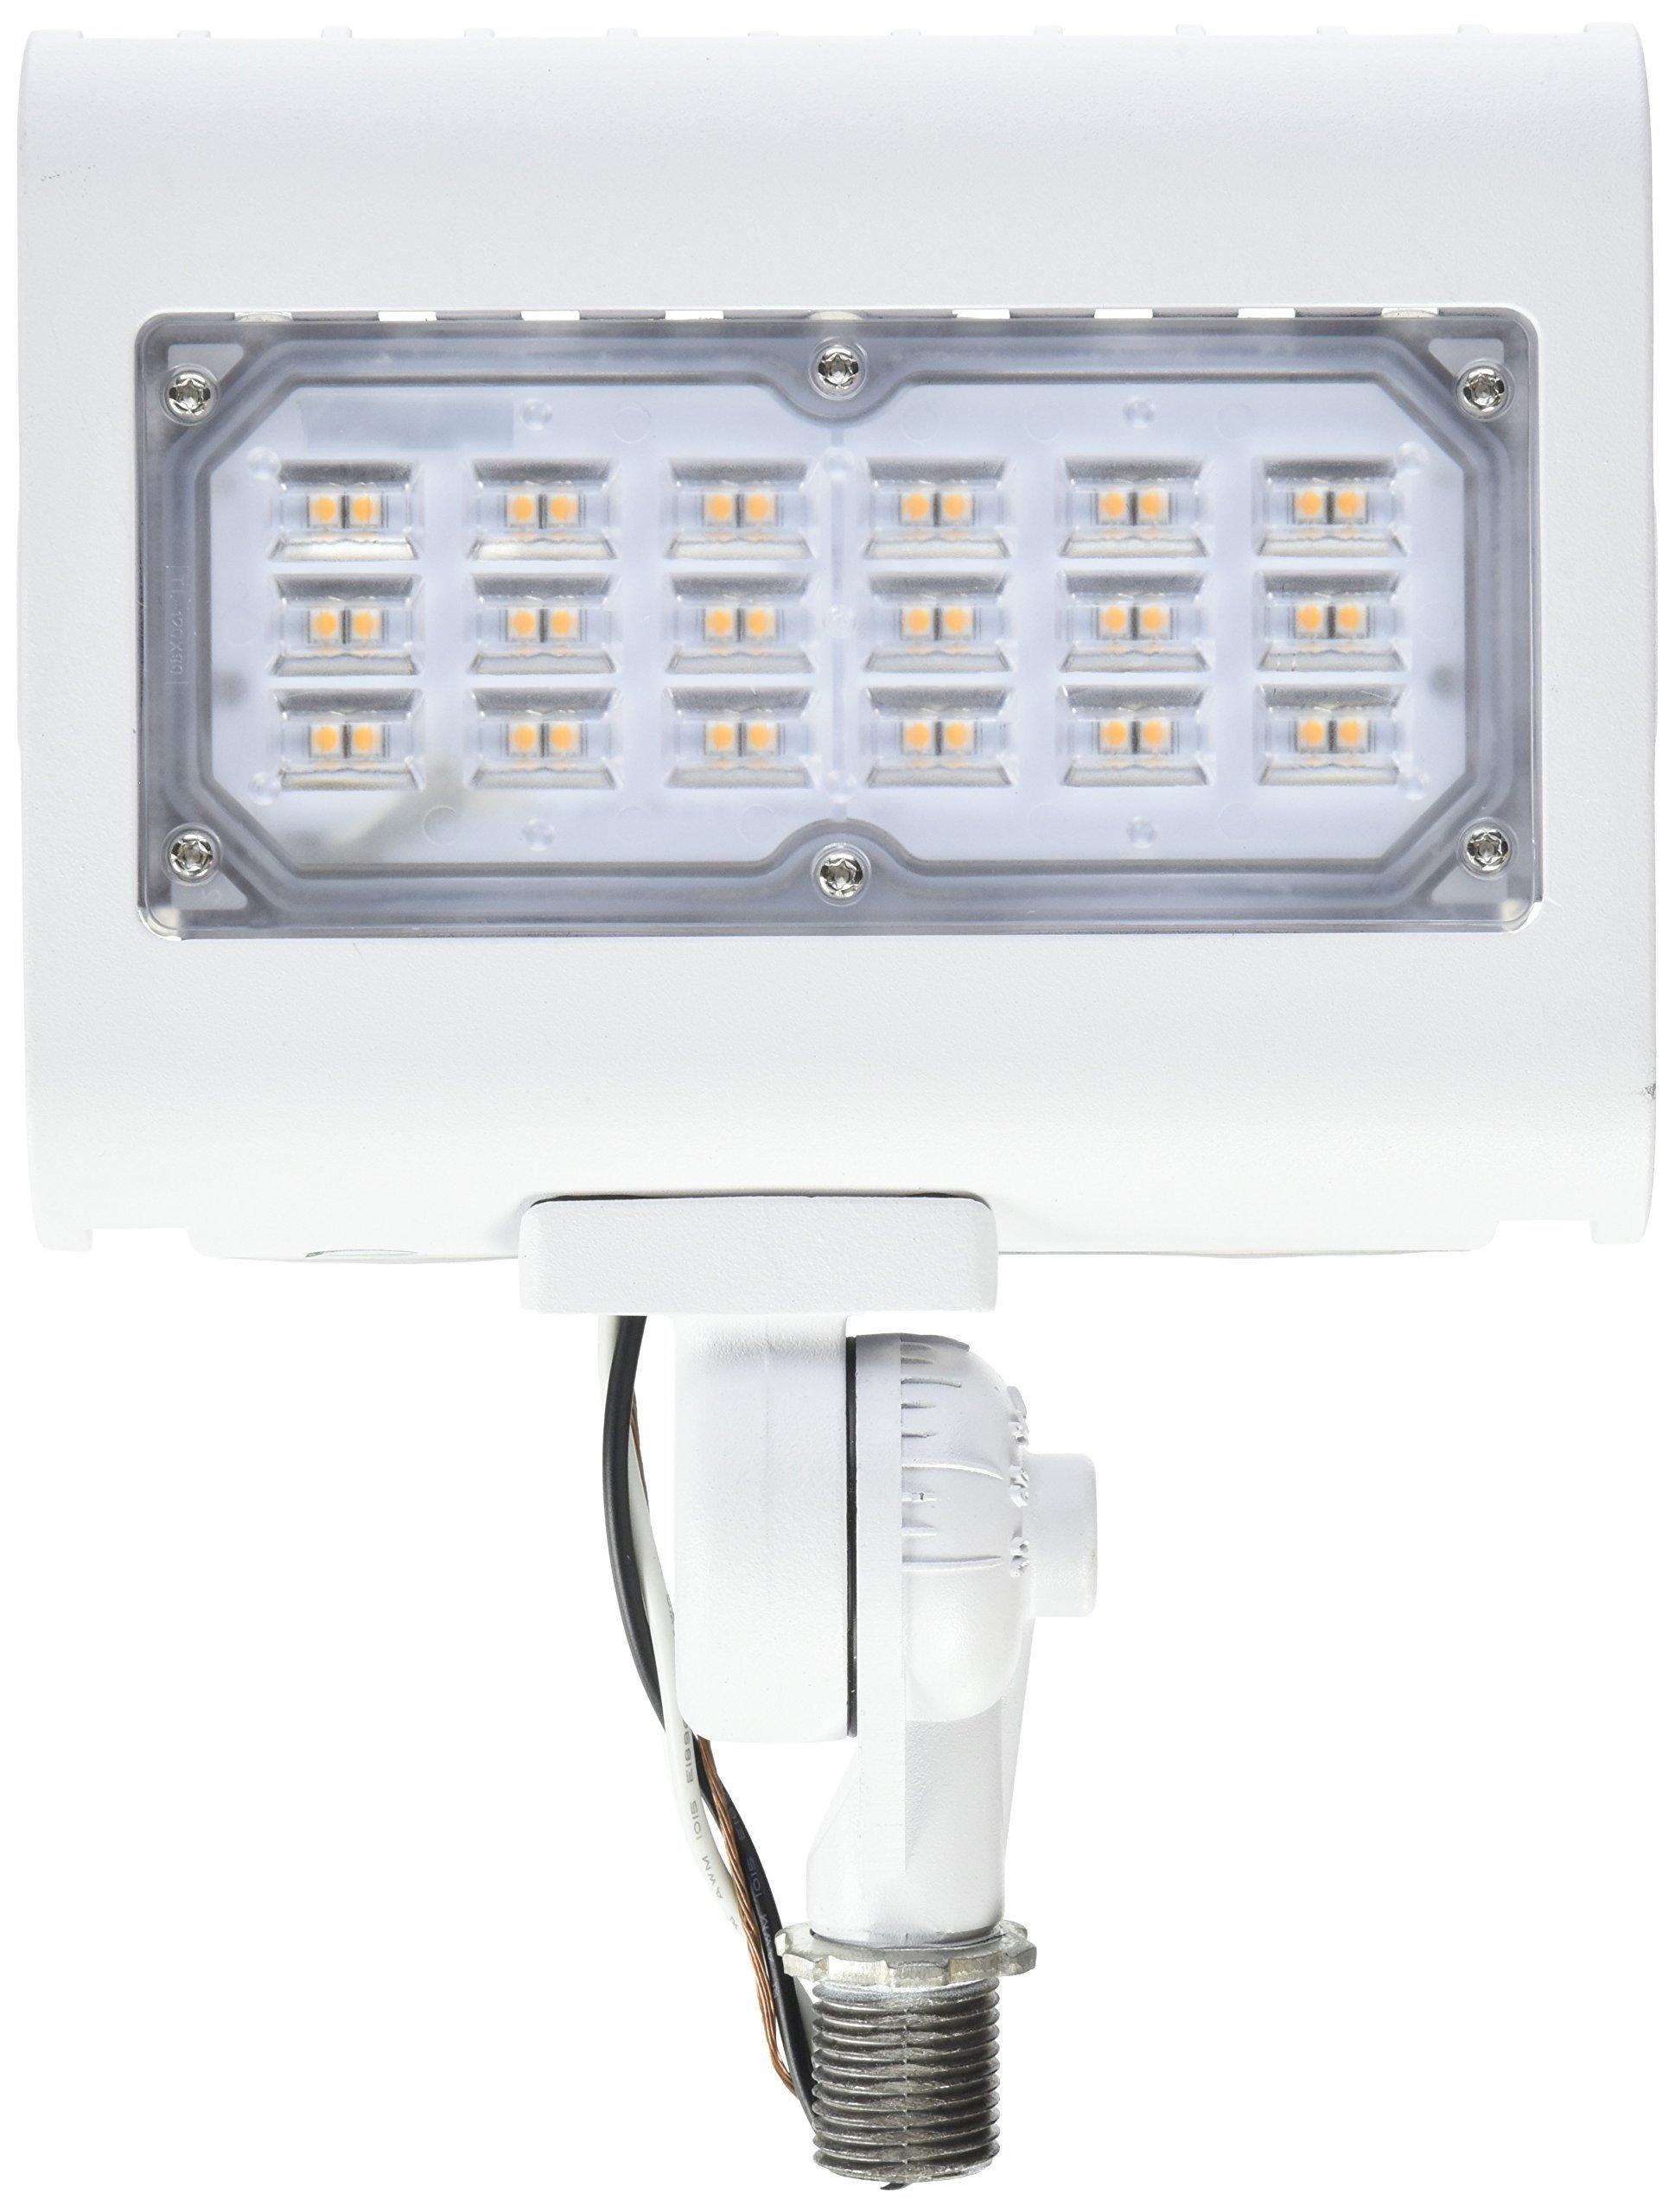 Morris 71556 30W 3000K LED Flat Panel Flood Light with 1/2'' Adjustable Knuckle Mount, 2900 lm, 120-277V, White